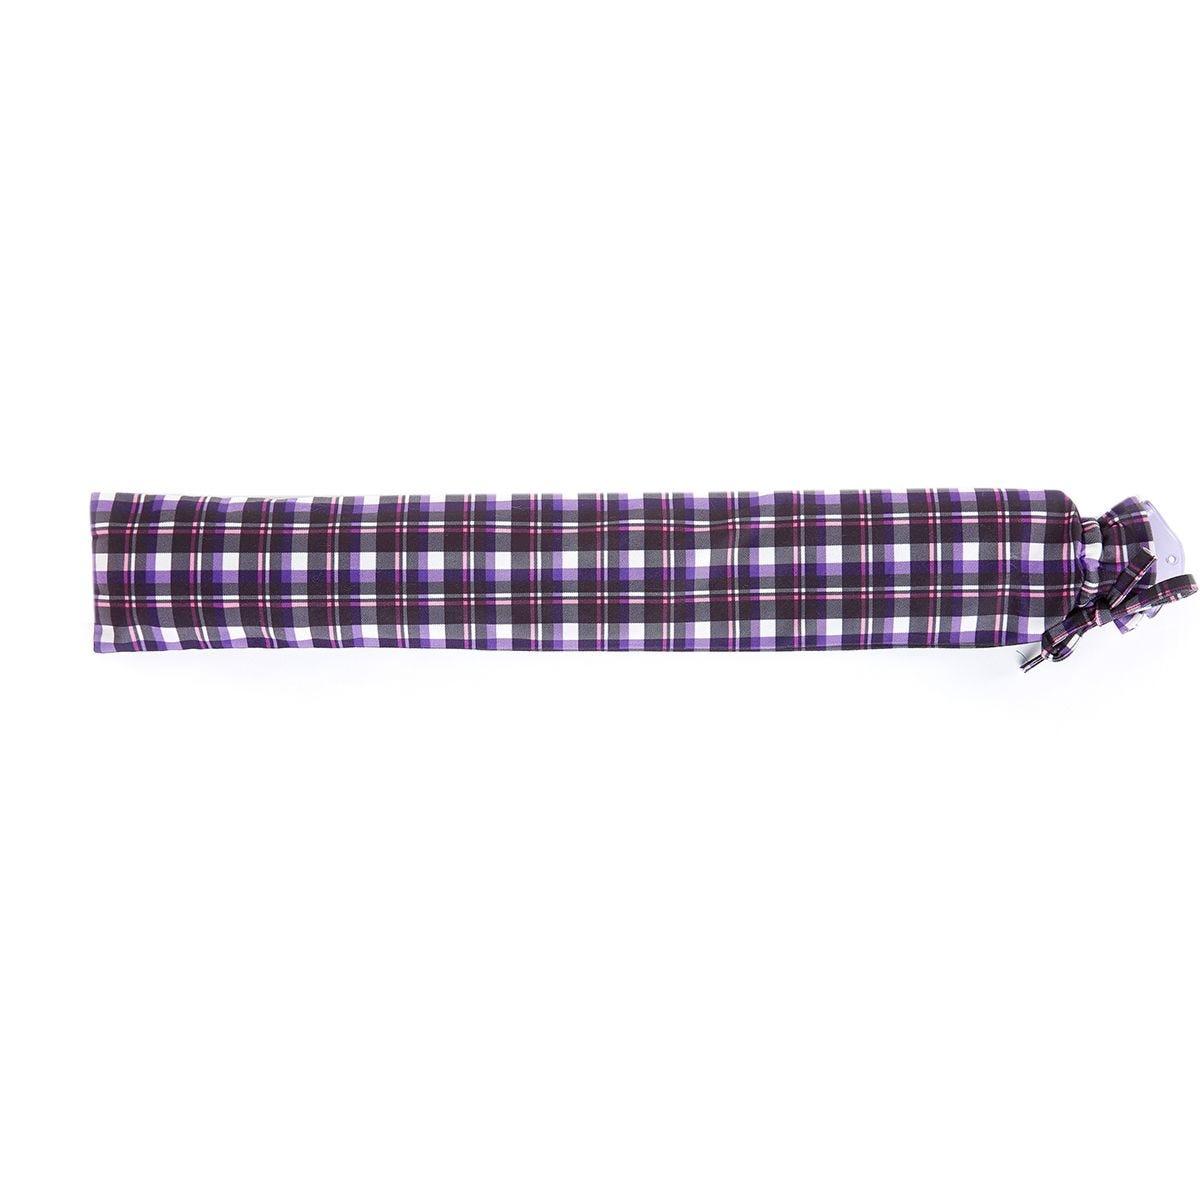 Warmies Extra Long Hot Water Bottle - Purple Tartan